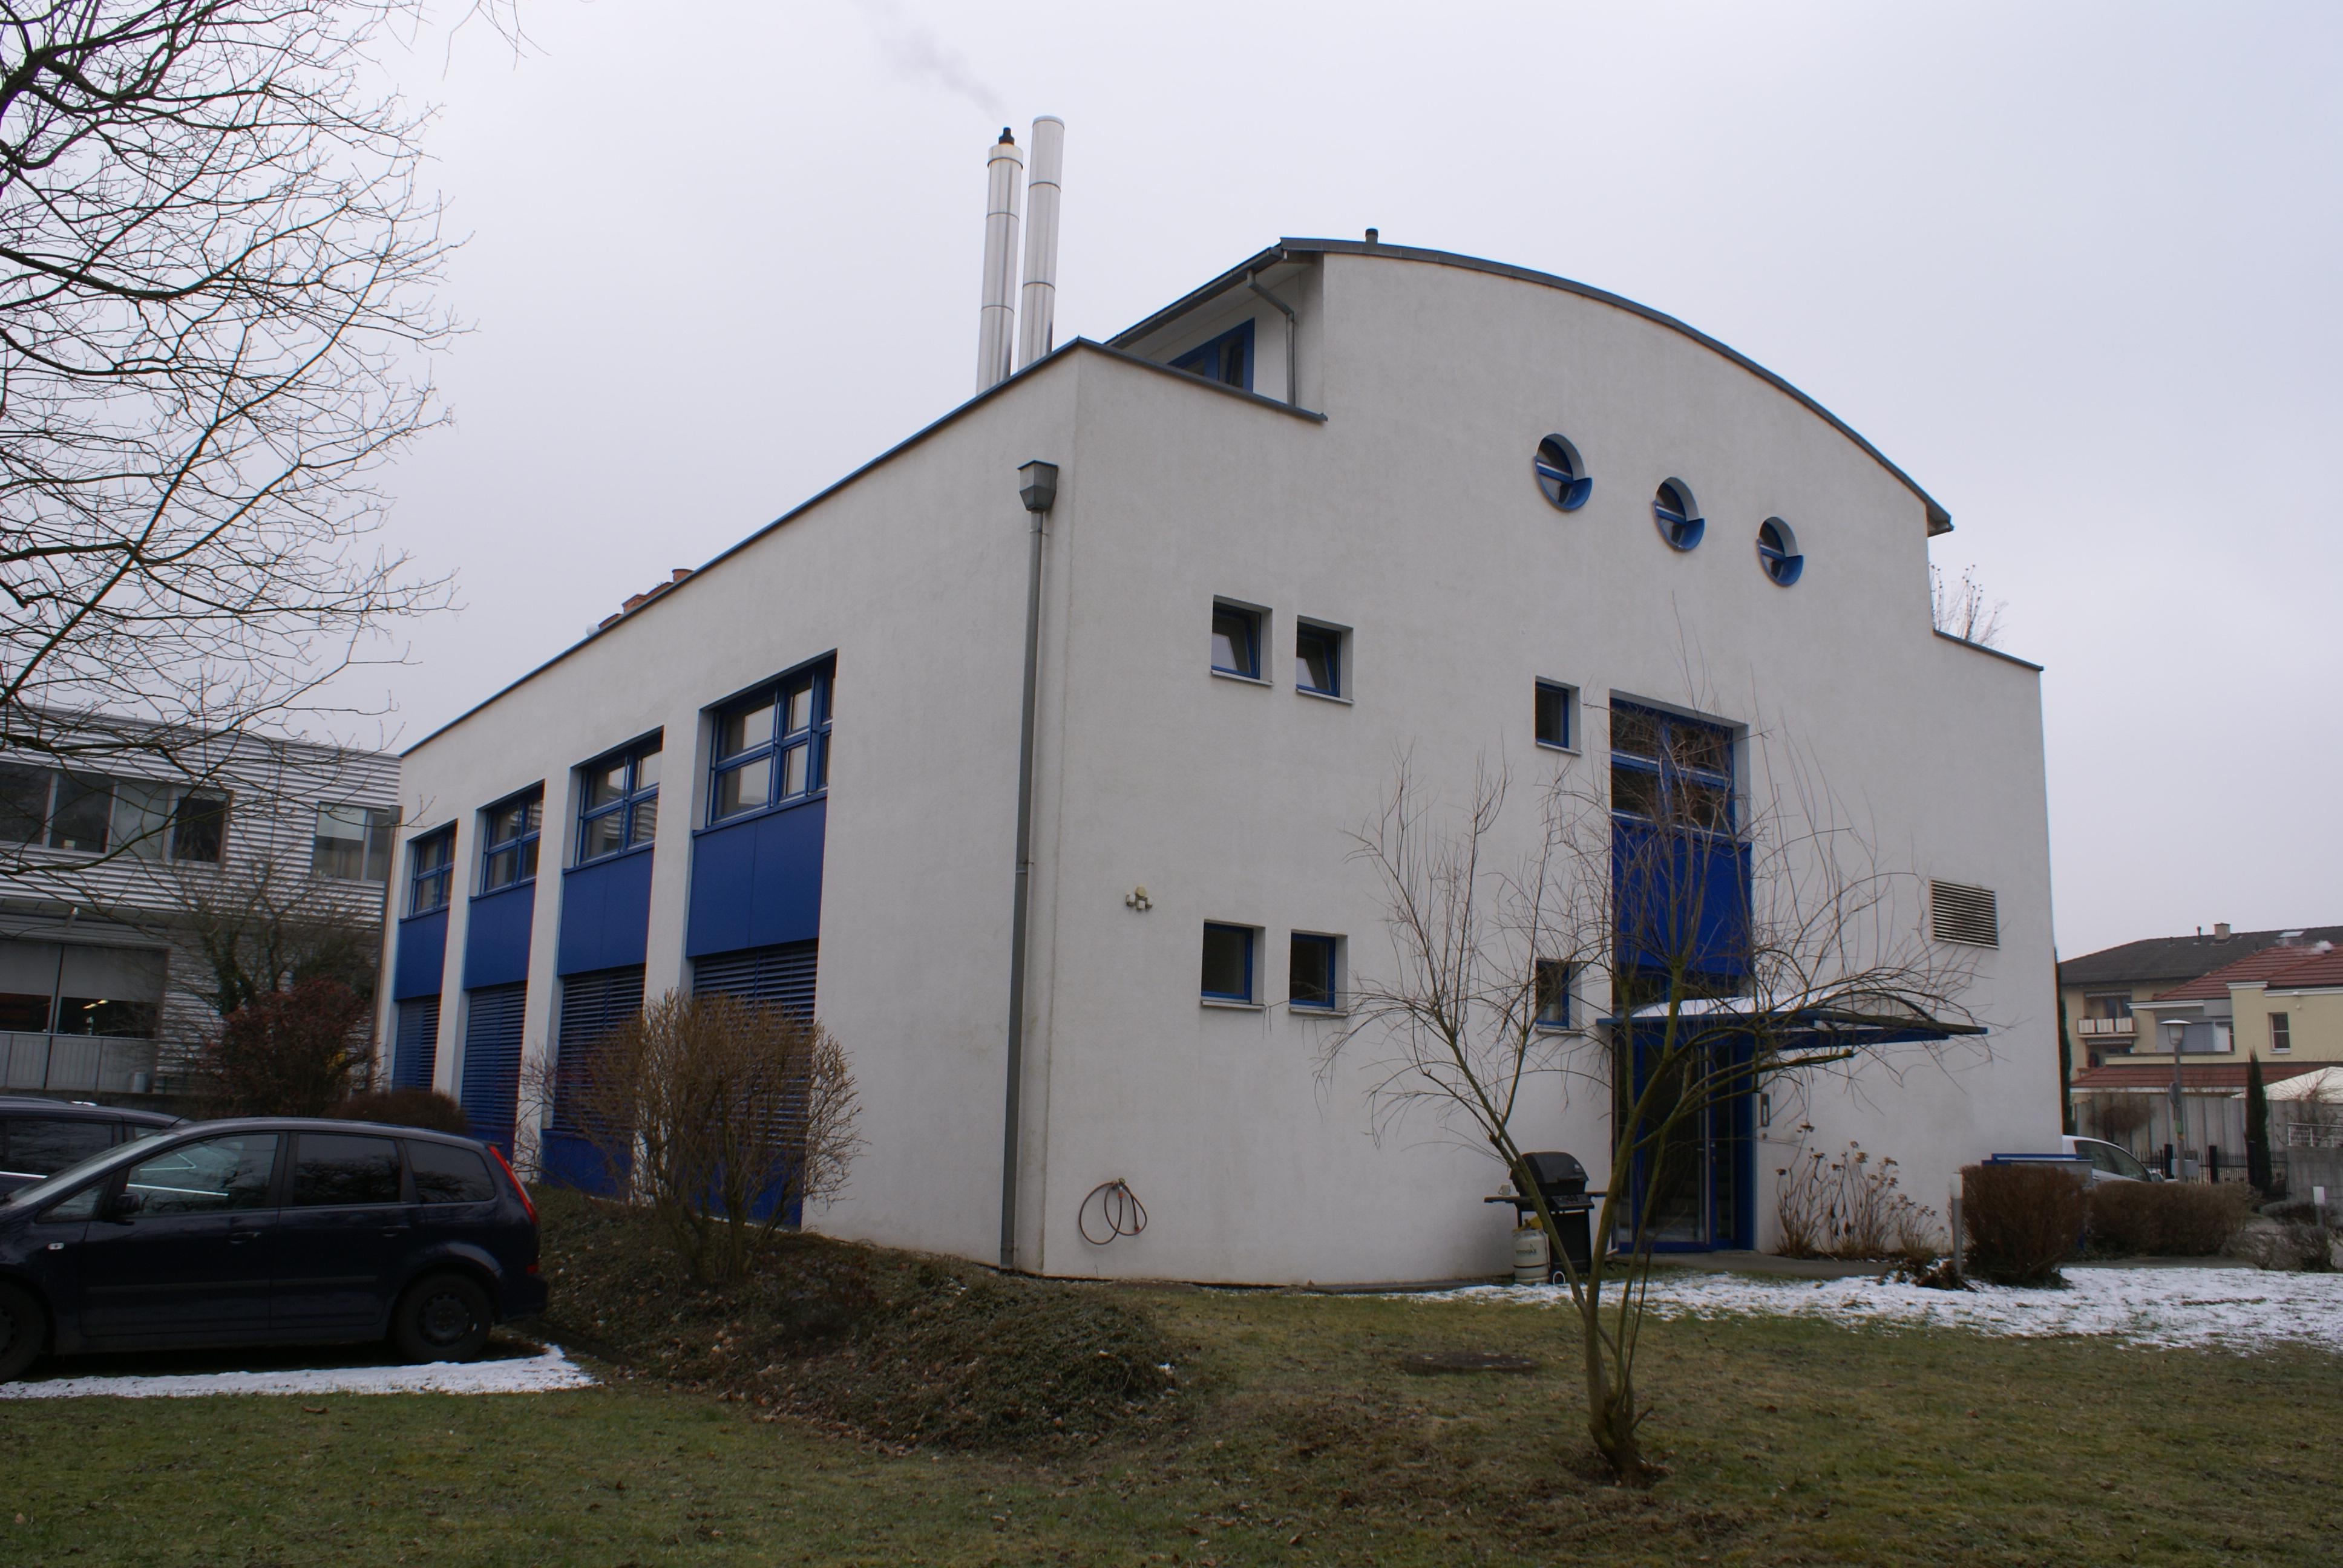 Gewerbe- und Wohnhaus in Muttenz / BL (verkauft)